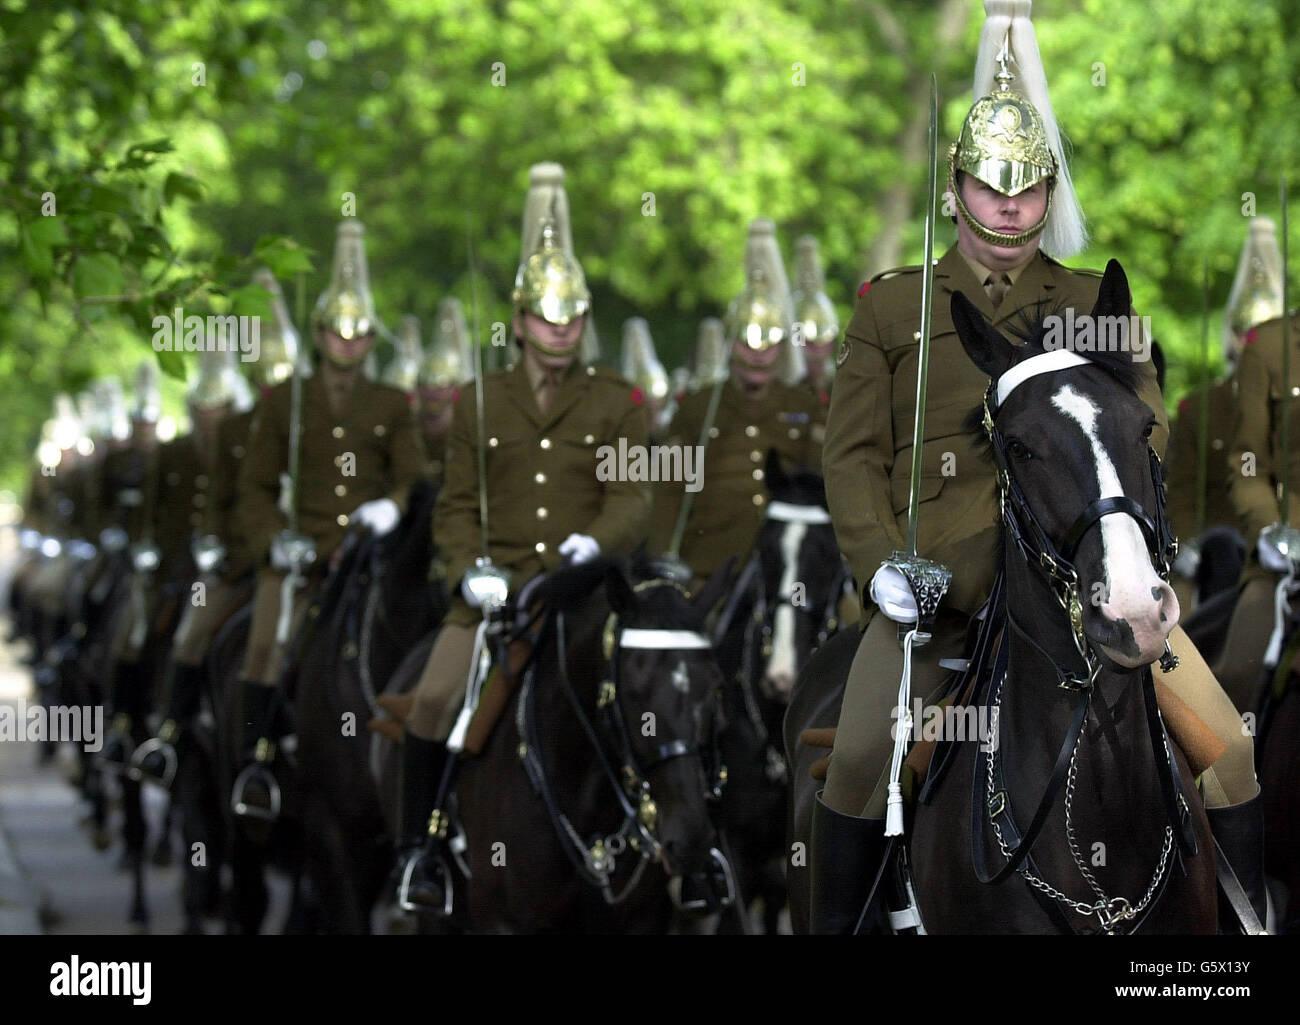 Royalty - Queen Elizabeth II Golden Jubilee Stock Photo